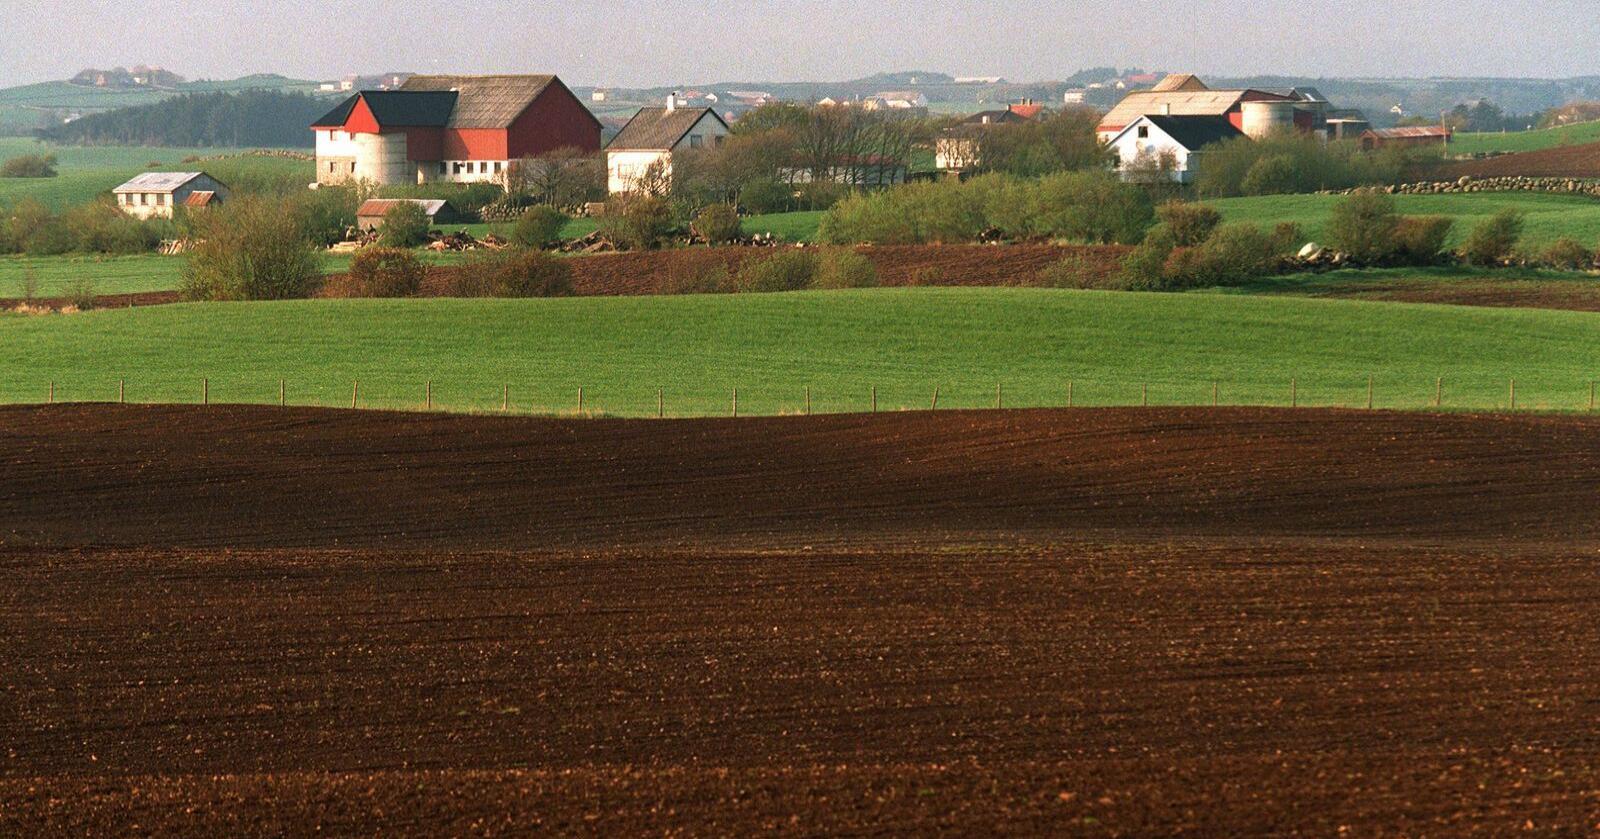 Dei seinare åra har talet på bønder gått ned i Noreg. Samstundes er talet på landeigarar stabilt. Det inneber at fleire leiger jorda dei driftar og med det kjem det òg ein del utfordringar. Foto: Halvard Alvik / NTB / NPK